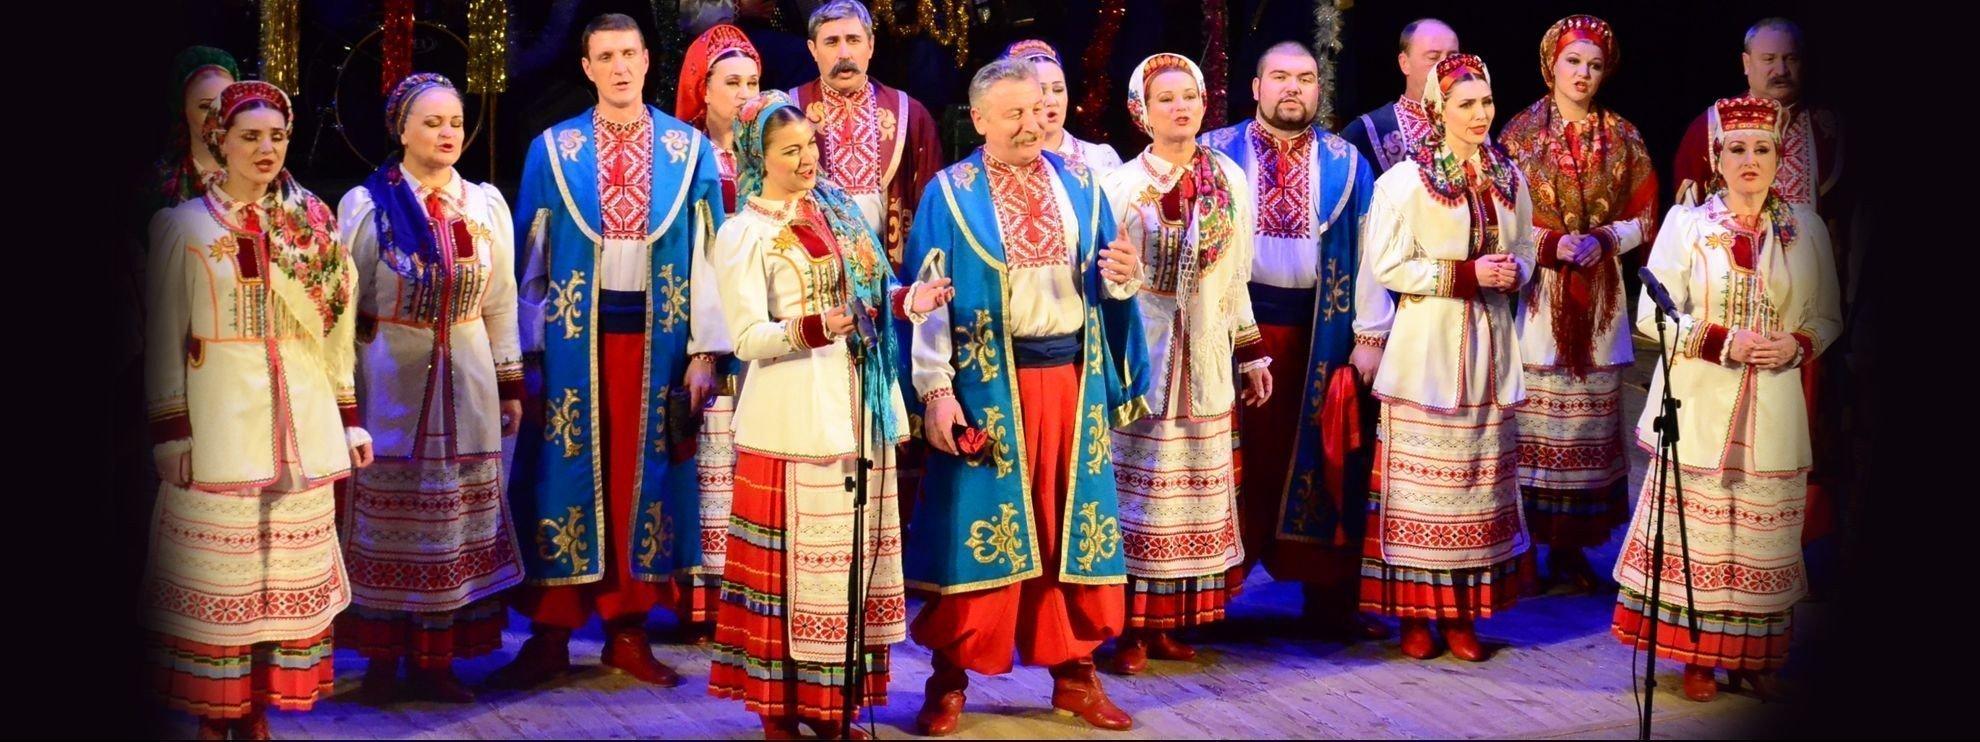 событие Волынский народный хор «Гарний козак, гарний»